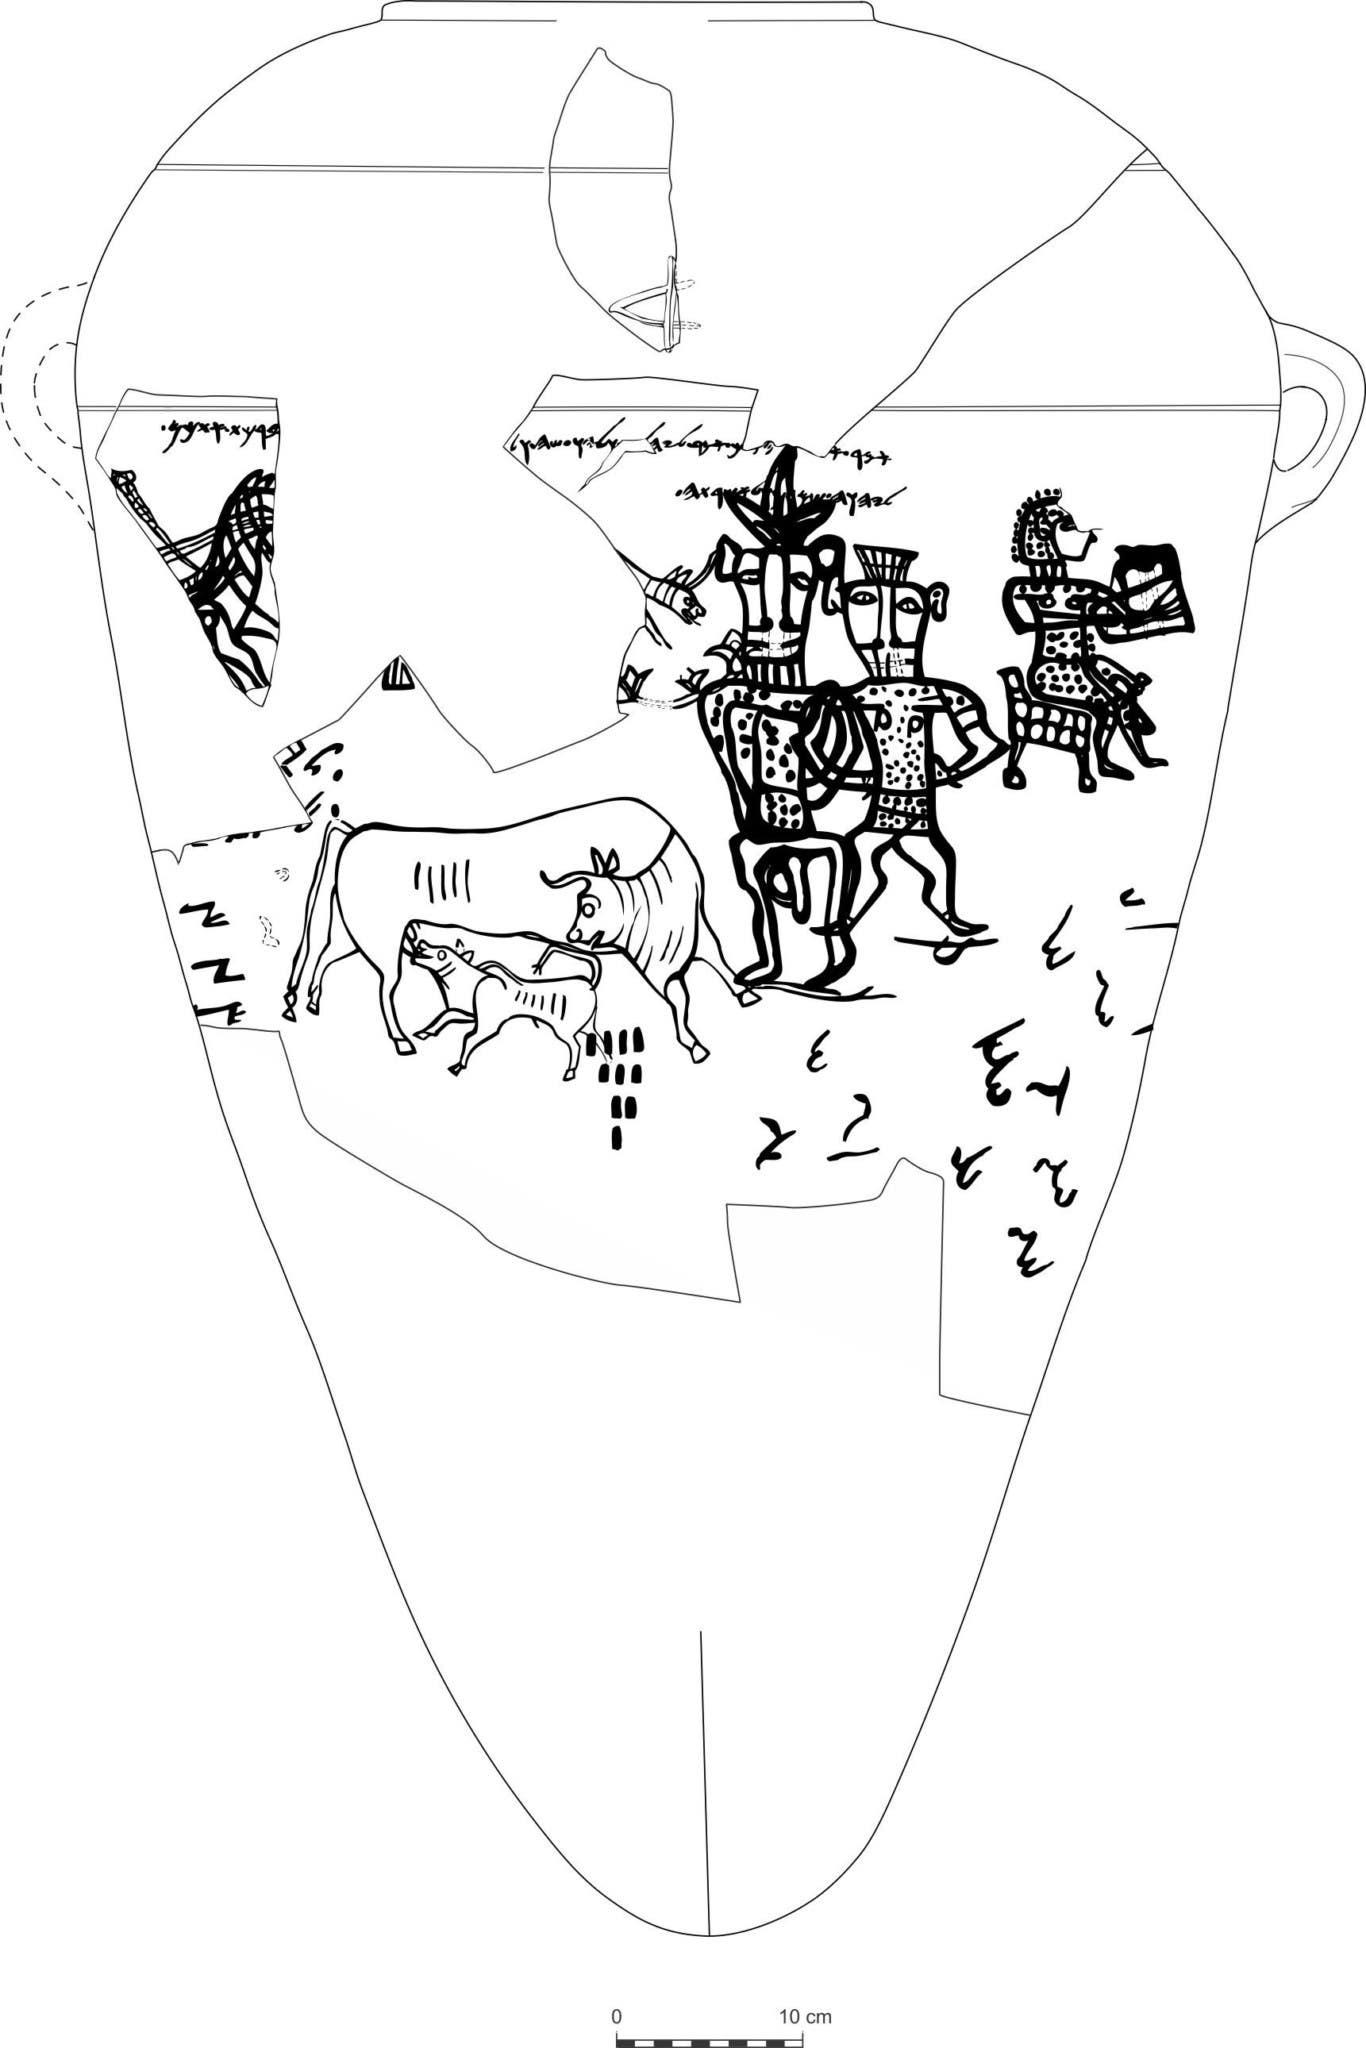 """הציור מתחת הכתובת """"יהוה שומרון ואשרתו"""" שנמצא באתר הארכיאולוגי כונתילת עג'רוד בדרום הר סיני"""